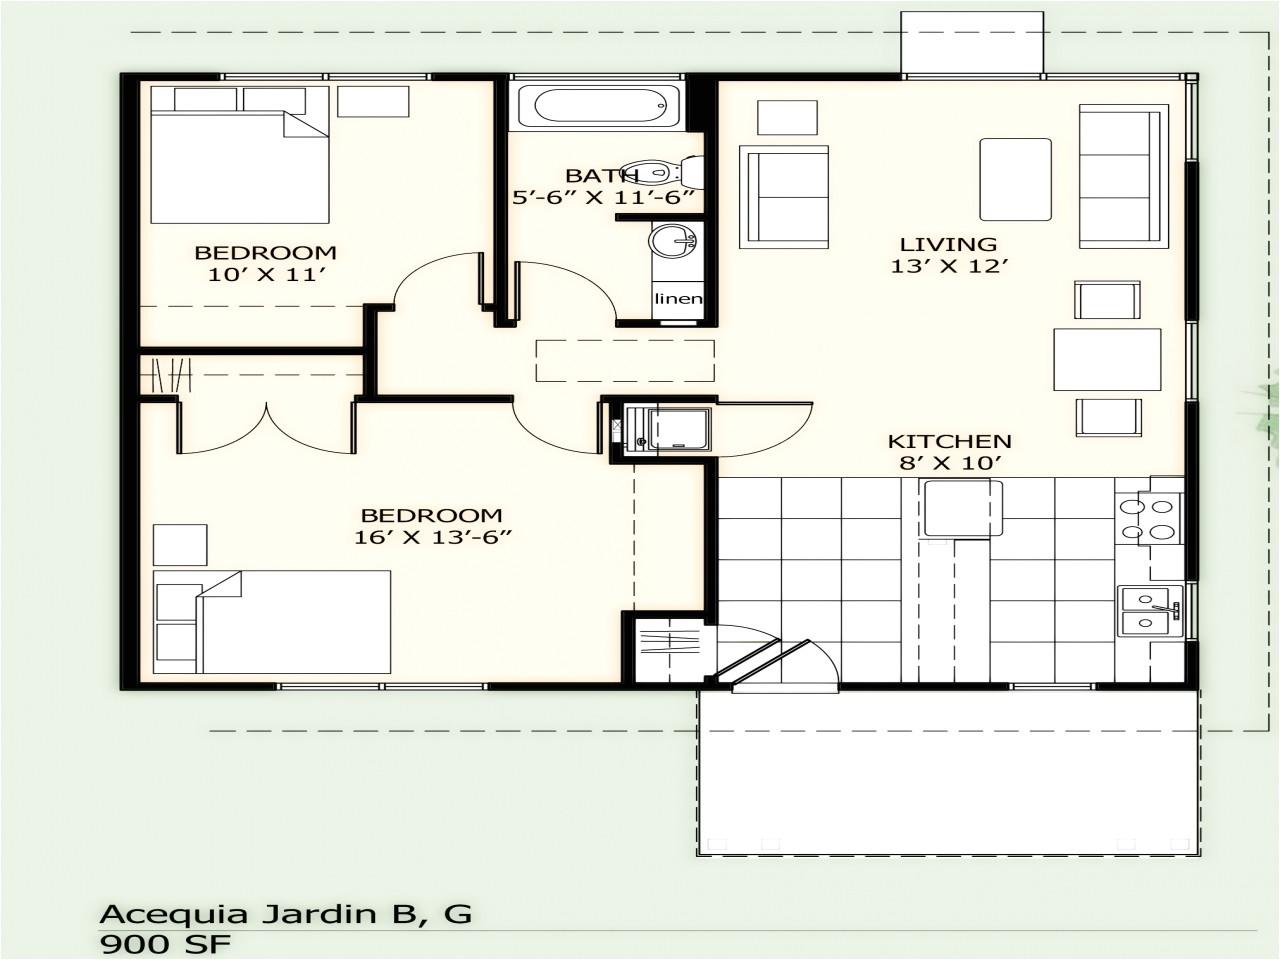 8fd3d2d897d3751b 900 sq ft house floor plans 900 square foot house plans